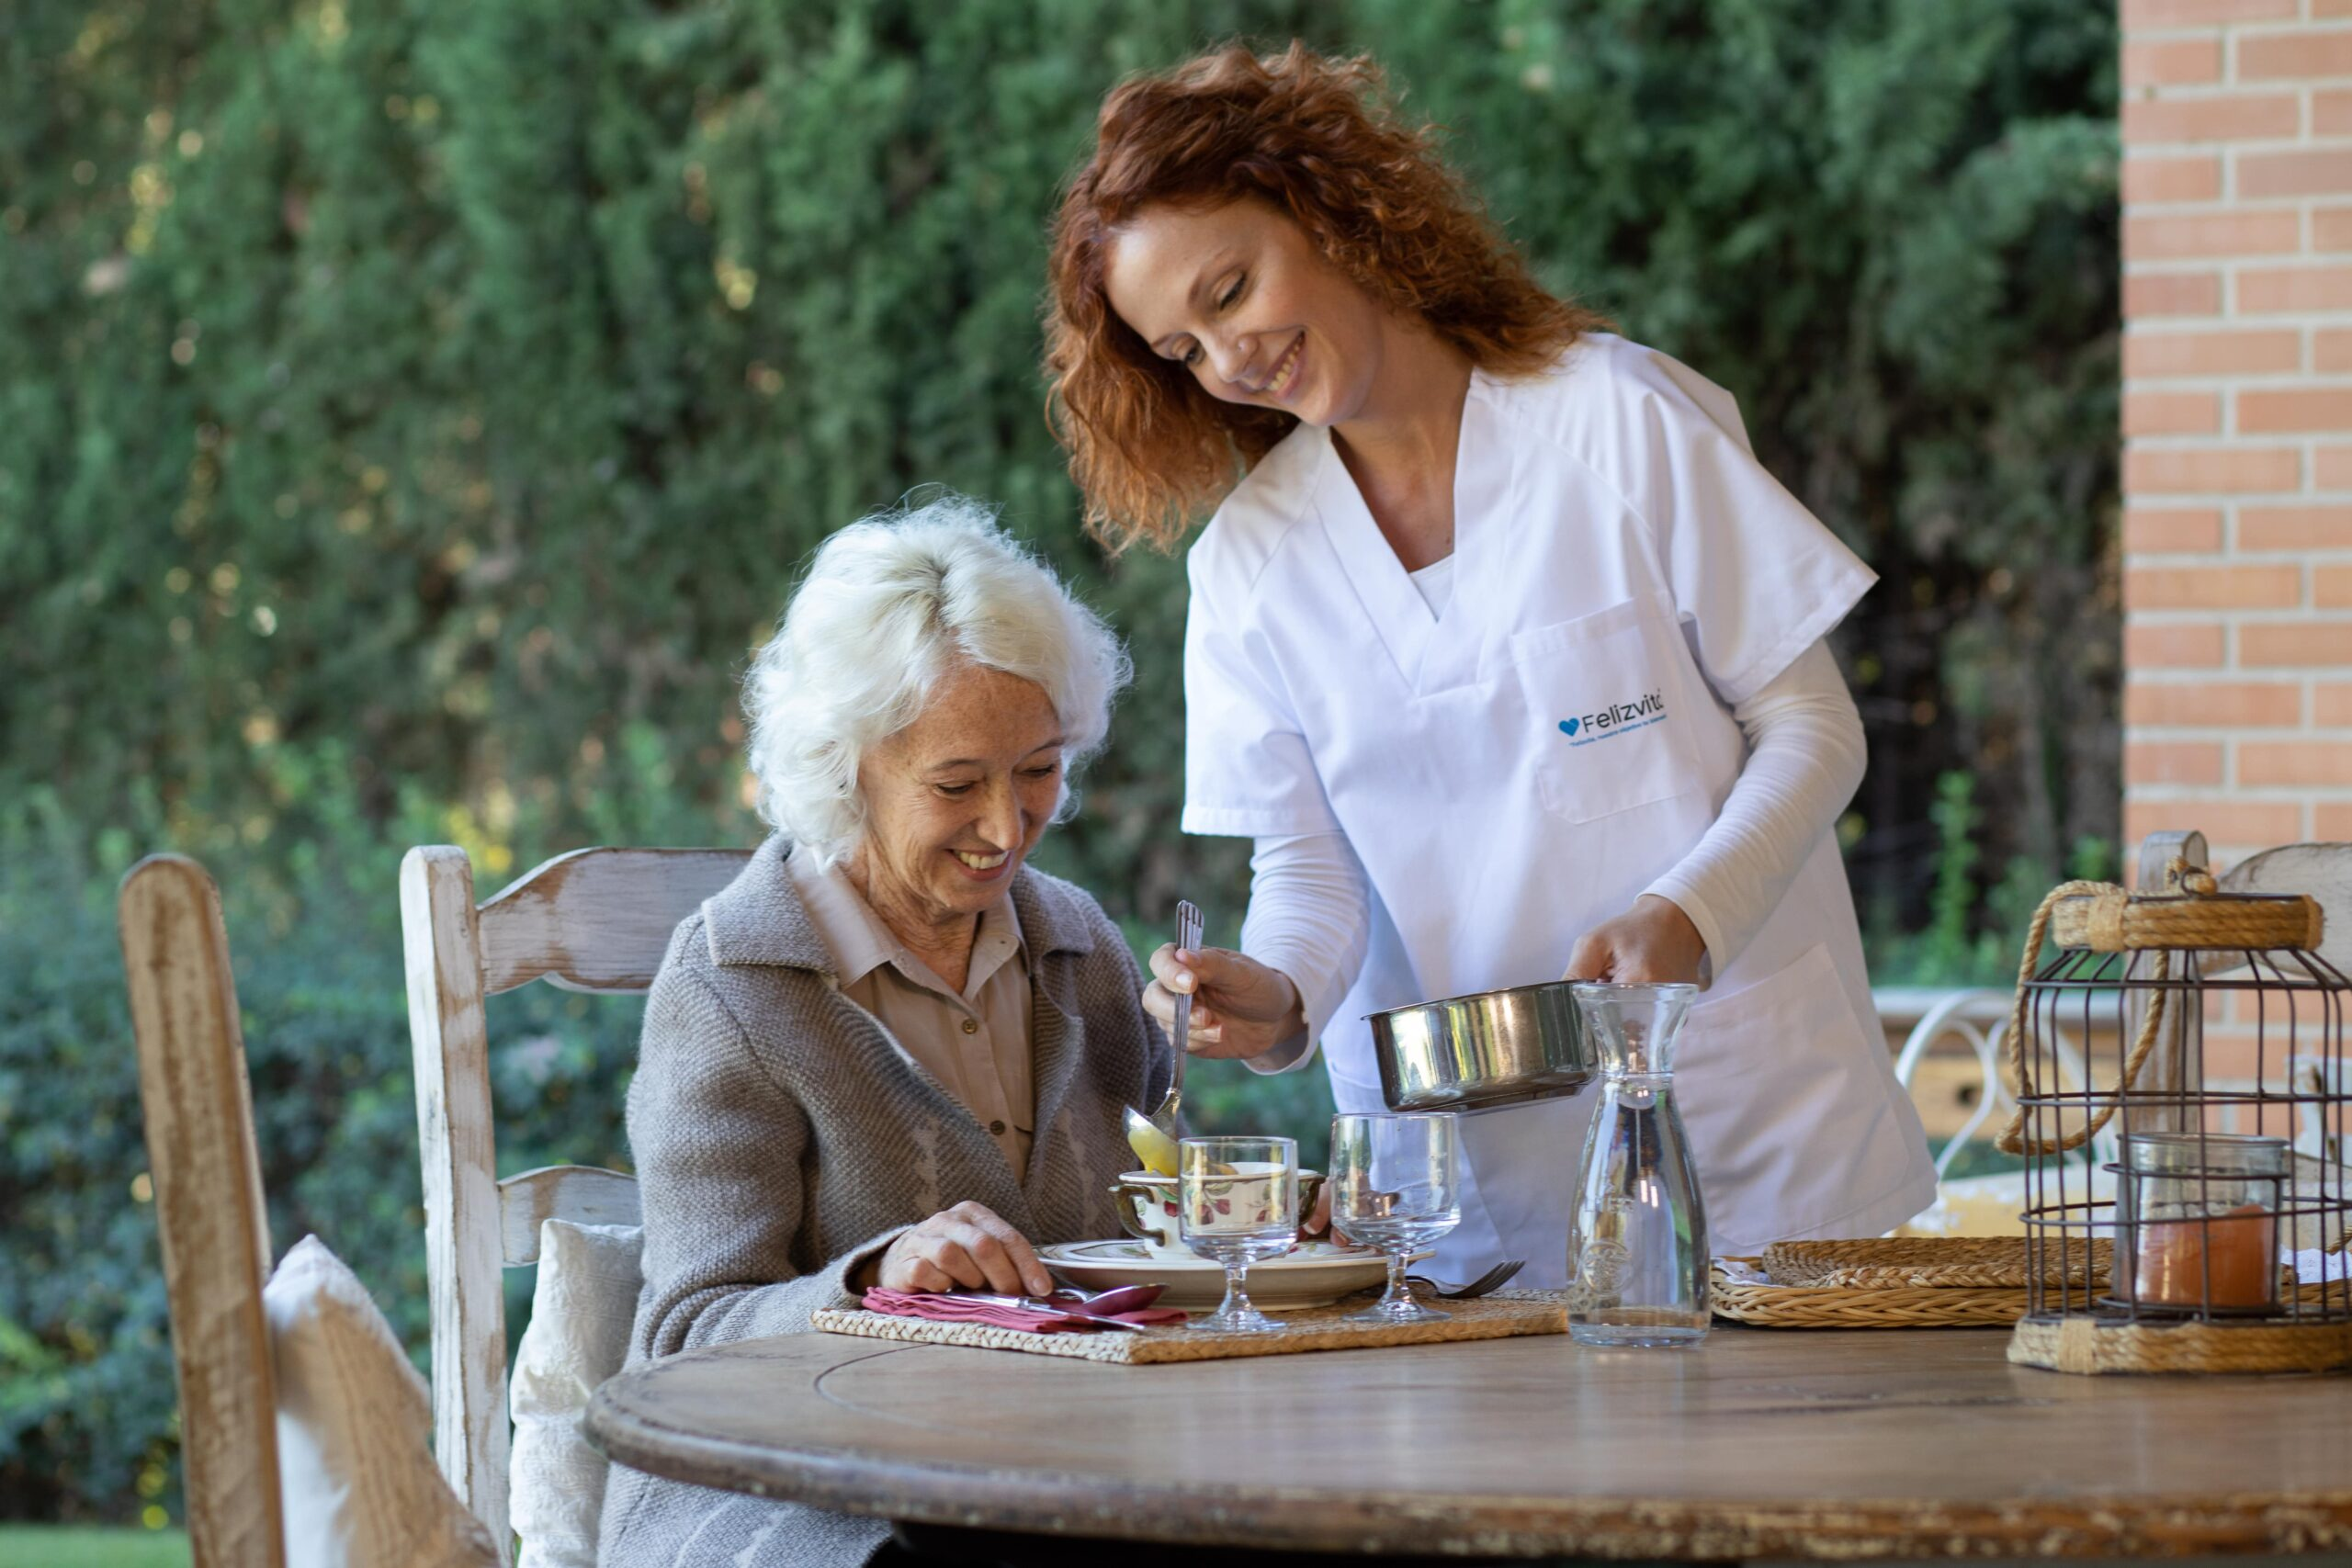 Cuidadora atendiendo a persona mayor